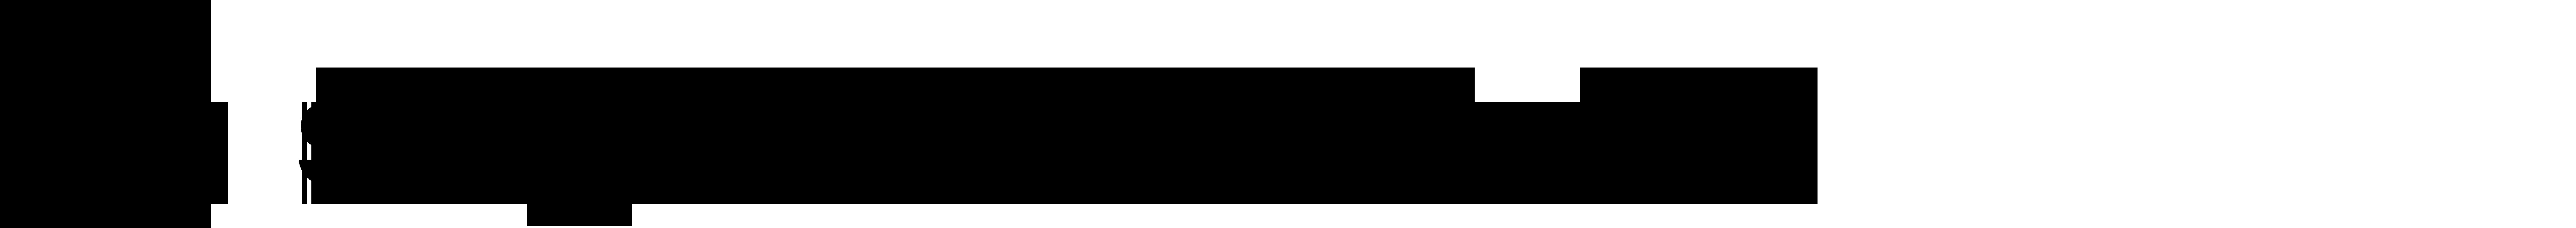 Logo_Scopri i nutraceutici_Positivo